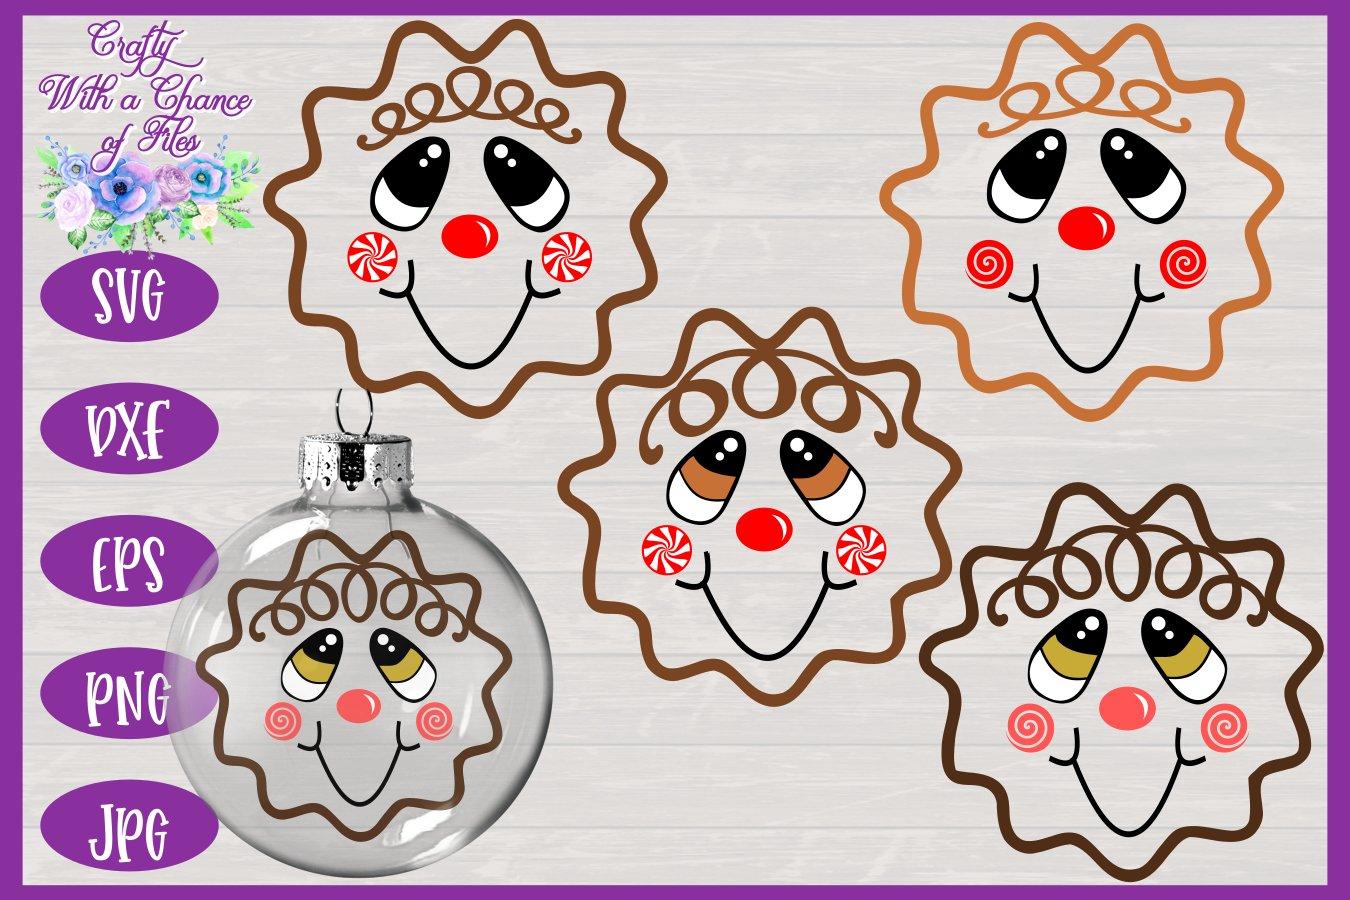 Gingerbread Man Svg Christmas Svg Ornament Svg Decor 10774 Svgs Design Bundles